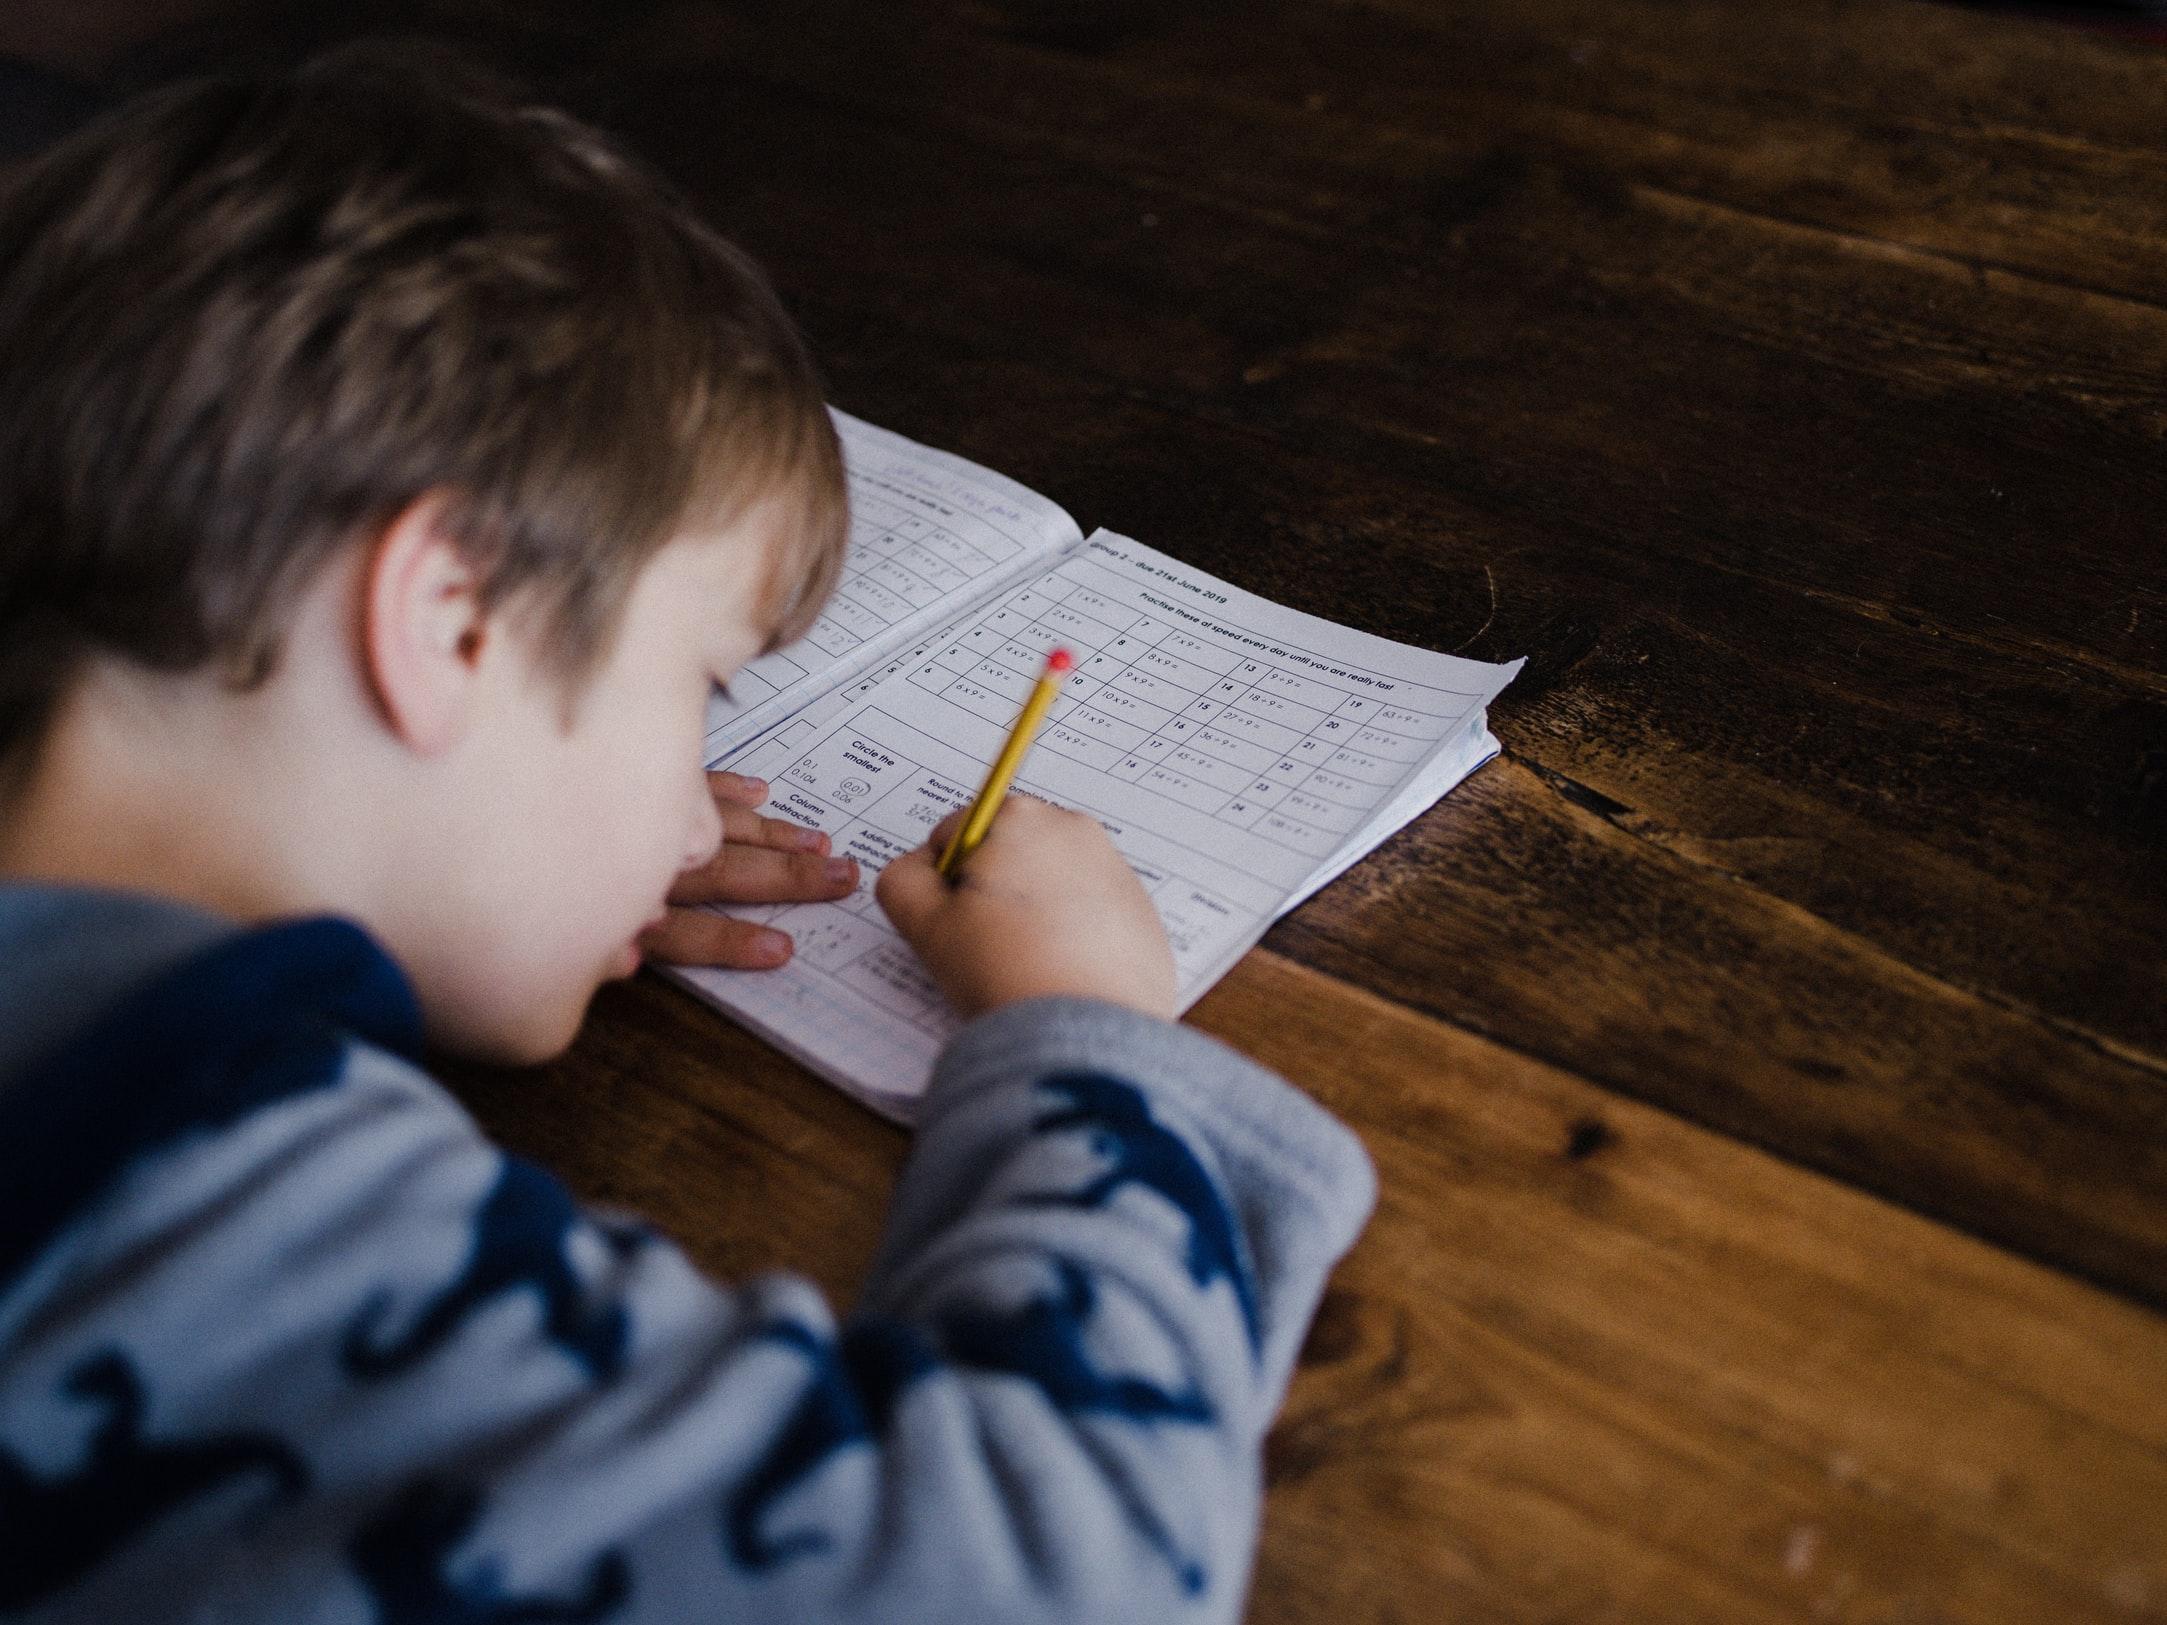 Lettera Informativa SIBUZ extra. Quando la scuola si svolge a casa. Consigli per le famiglie